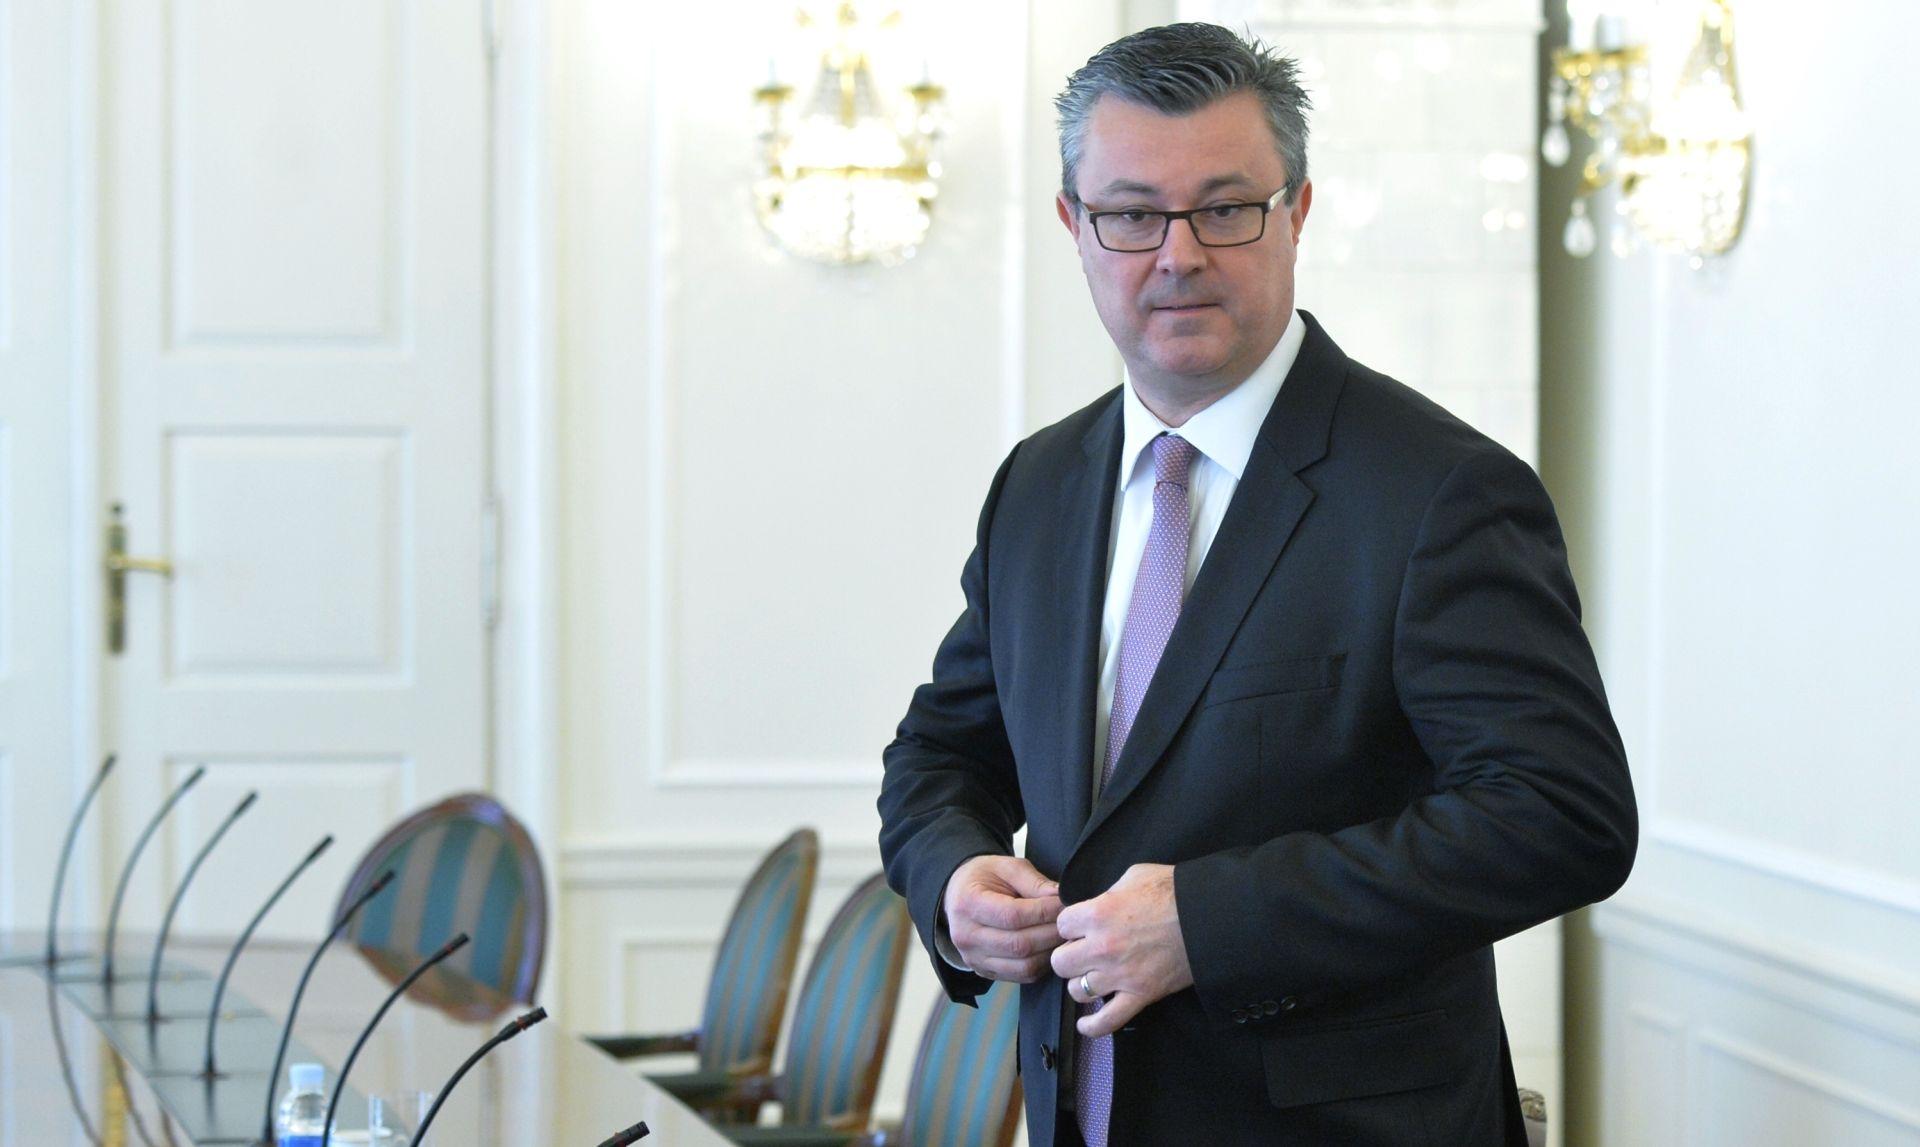 REZULTATI ANKETE: Građani dali dvojku Oreškovićevom timu